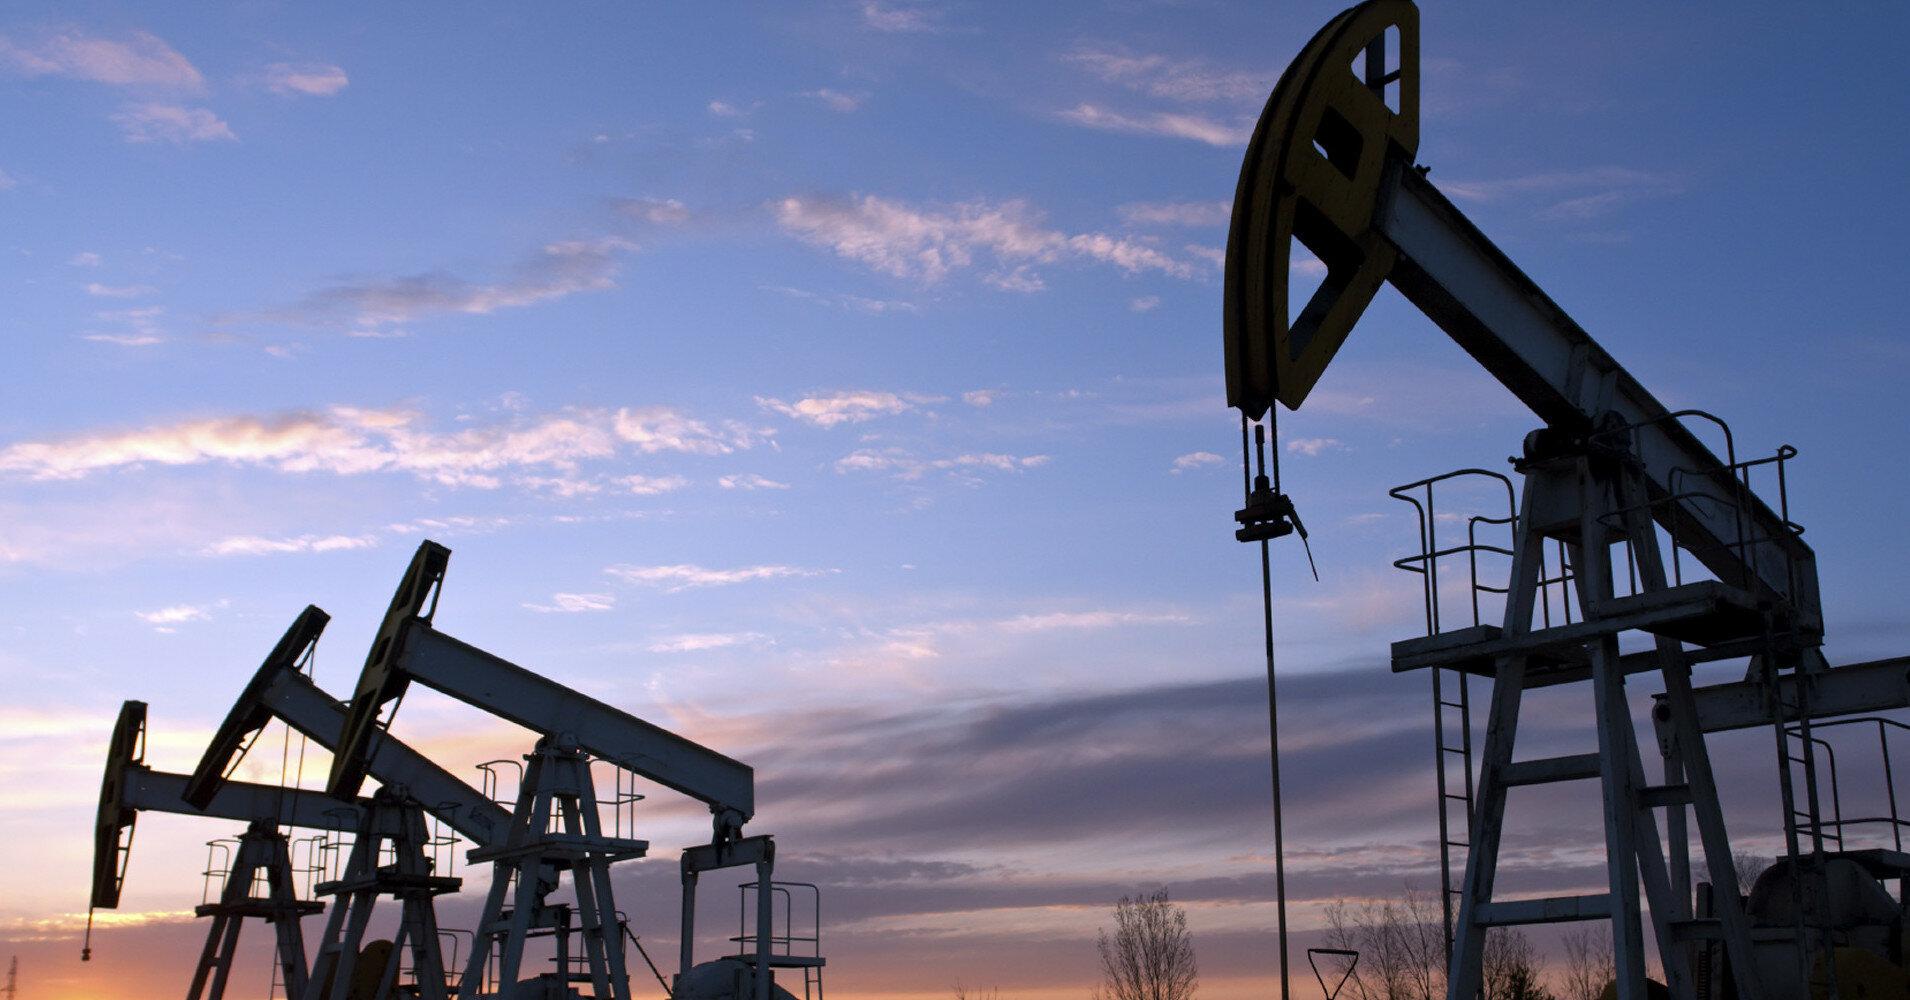 Ціни на нафту знизилися через новий спалах COVID-19